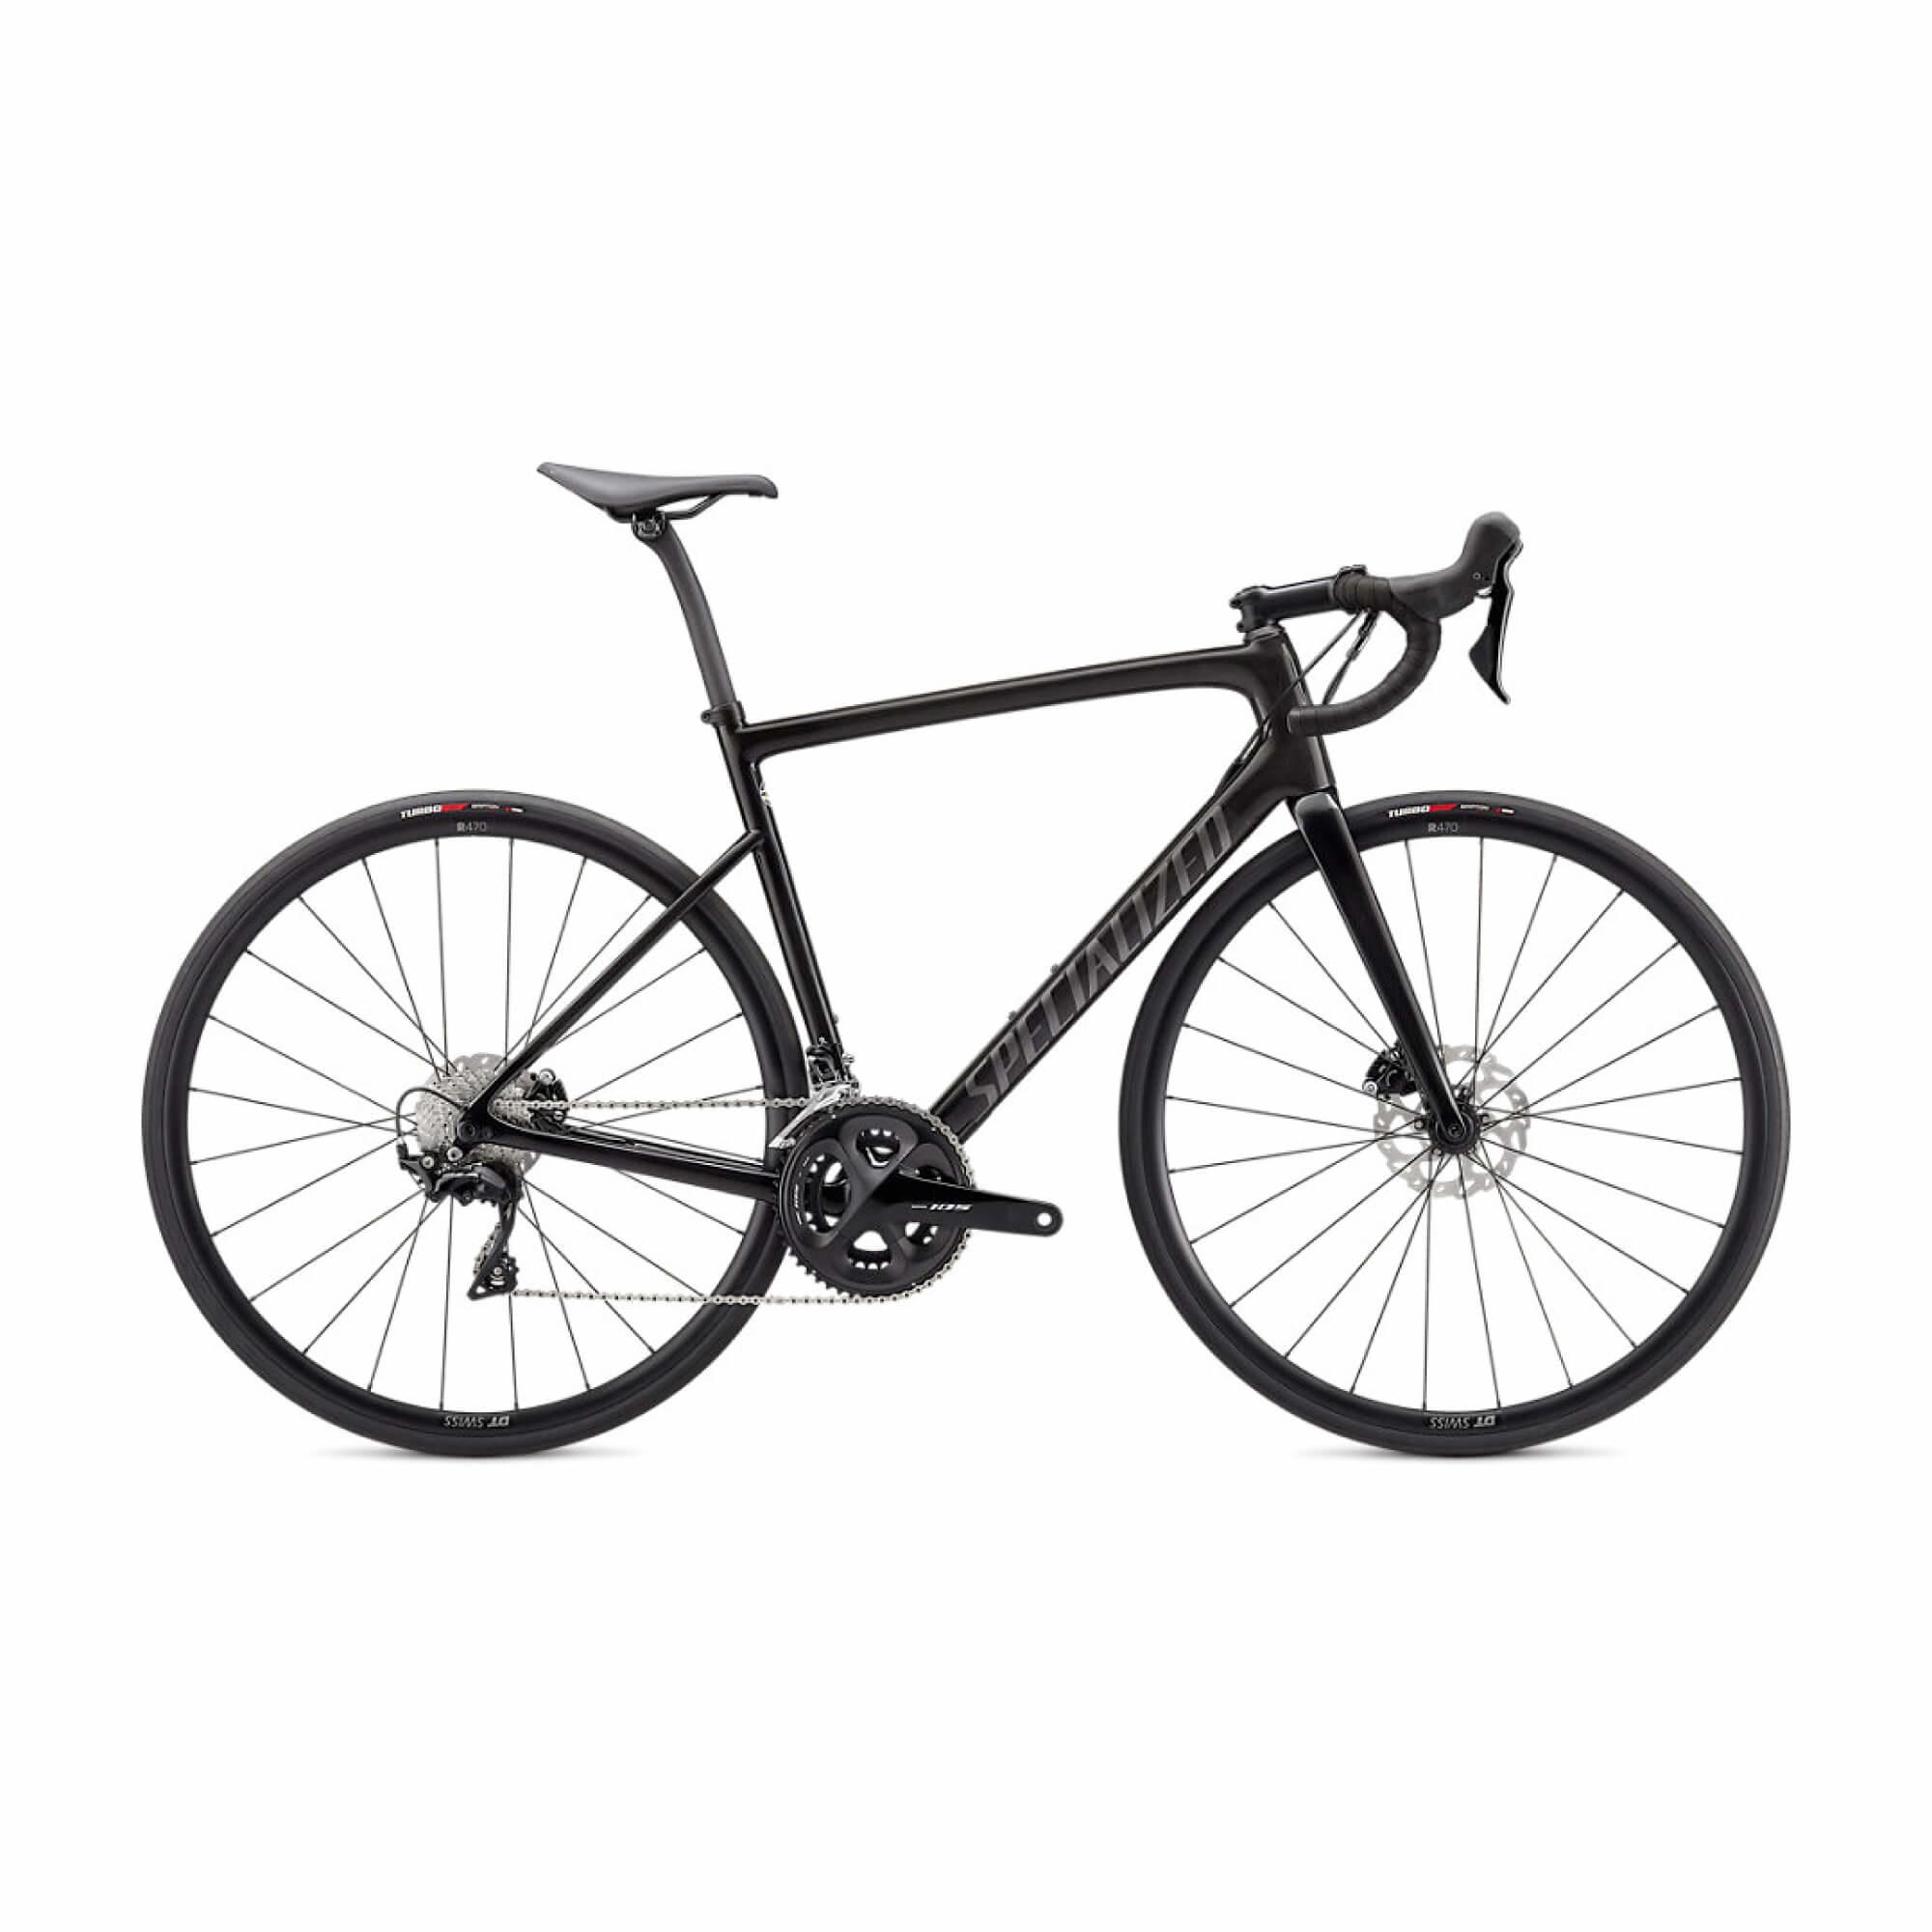 Tarmac SL6 Sport 2021-1